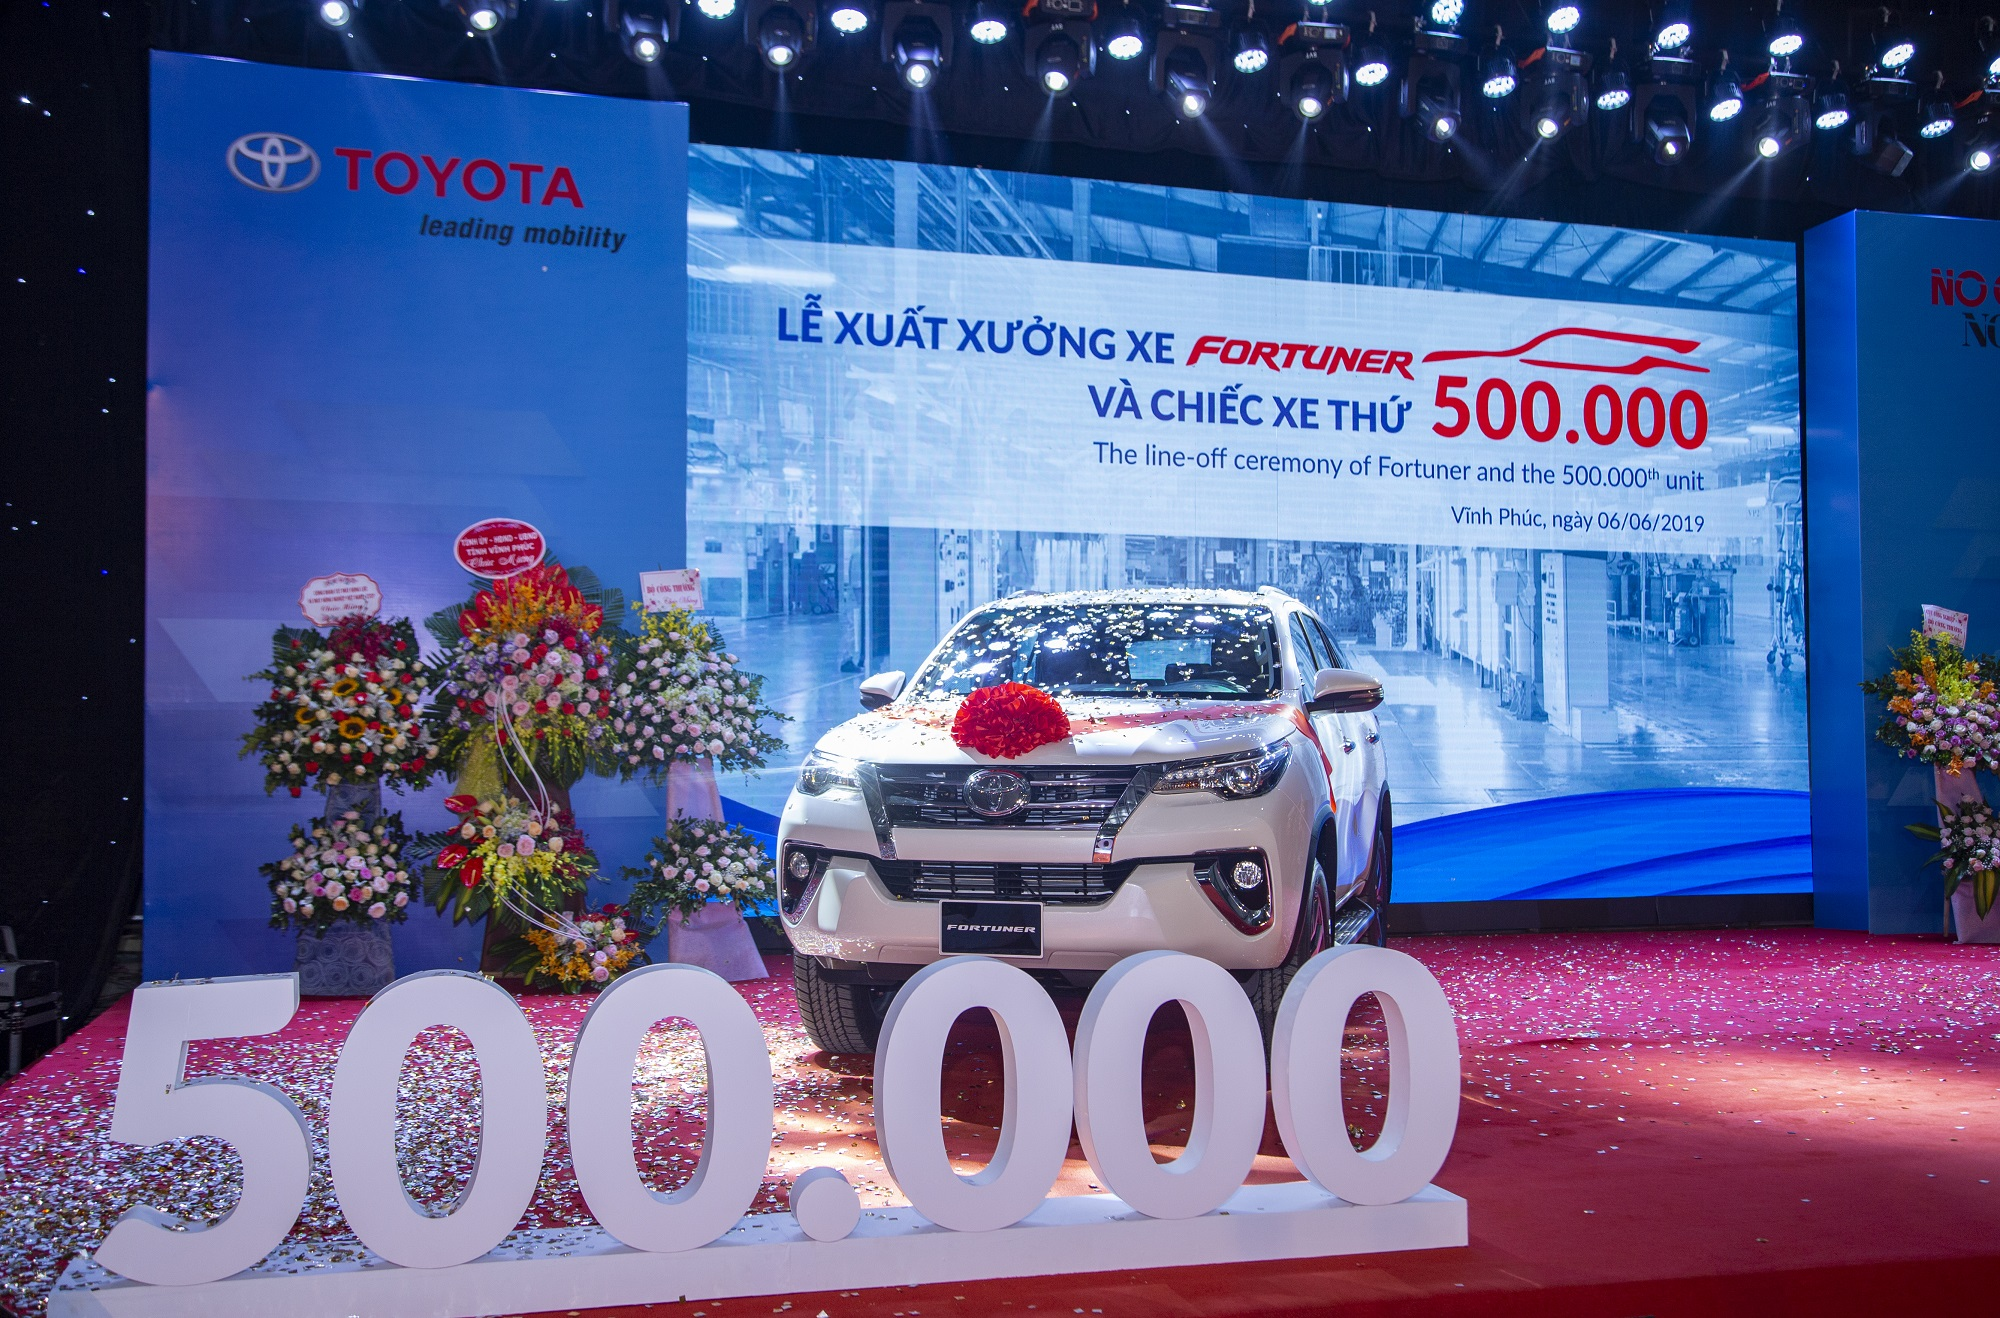 le-xuat-xuong-xe-fortuner-va-chiec-xe-thu-500000.jpg